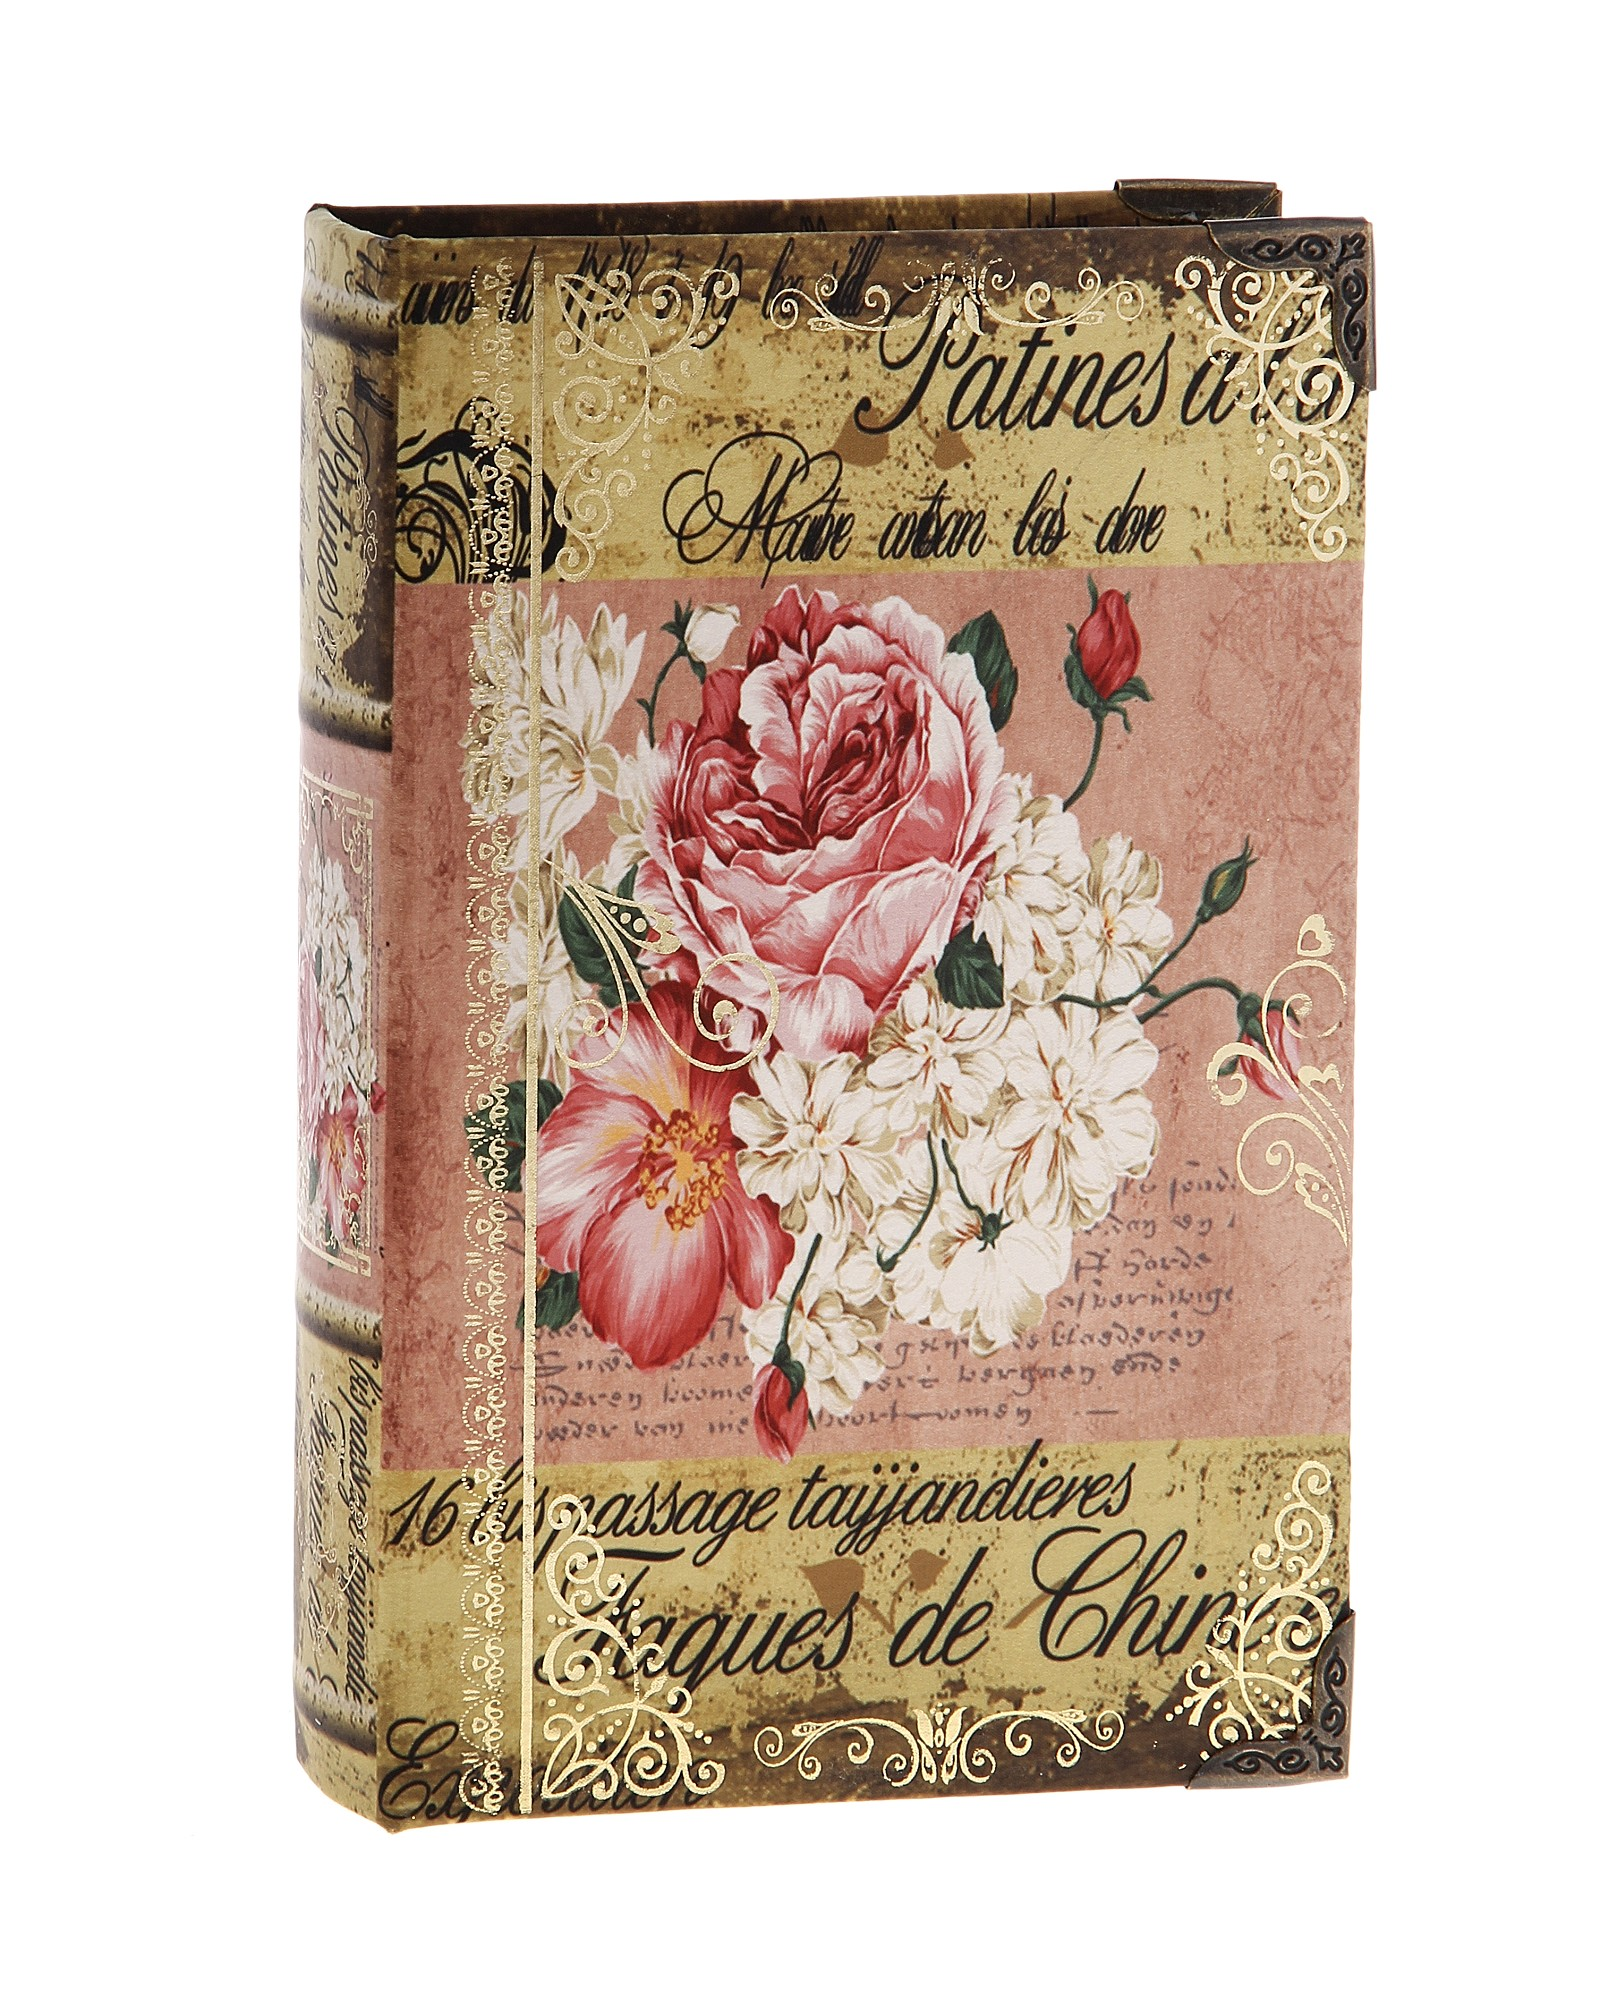 Шкатулка-книга Поэма о цветах680711Оригинальное оформление шкатулки, несомненно, привлечет внимание. Шкатулка выполнена в виде книги, поверхность которой изготовлена из шёлка и оформлена изображением прекрасной цветочной композиции. Такая шкатулка может использоваться для хранения бижутерии, в качестве украшения интерьера, а также послужит хорошим подарком для человека, ценящего практичные и оригинальные вещицы. Характеристики:Материал: дерево, шёлк, металл. Размер шкатулки (в закрытом виде): 24 см х 16 см х 5 см. Размер упаковки: 24,5 см х 16 см х 5 см. Артикул: 680711.